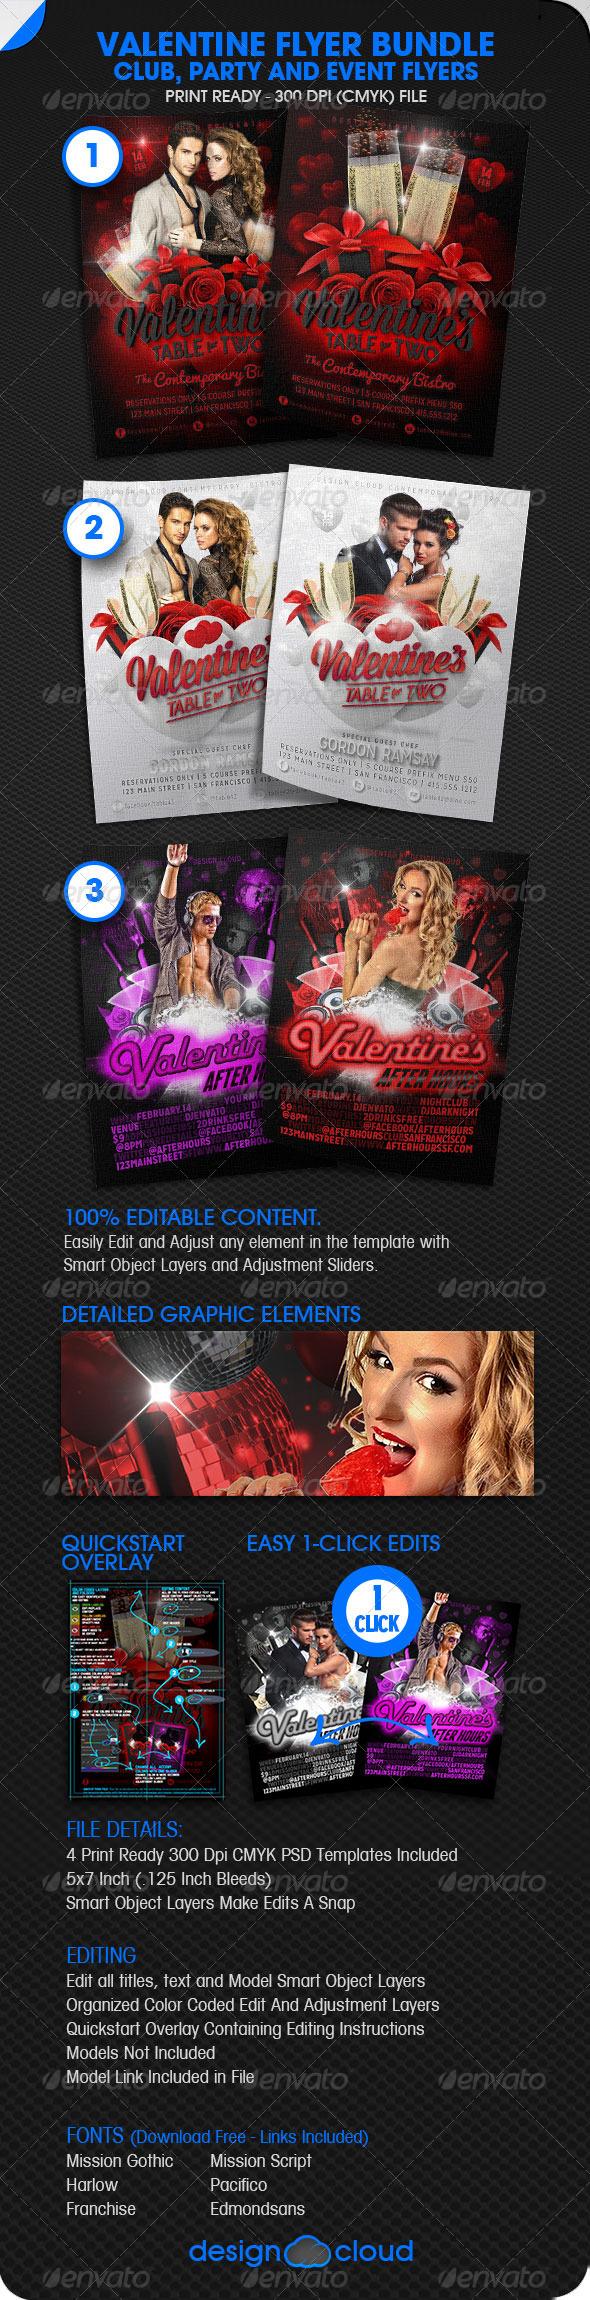 Valentine Flyer Bundle